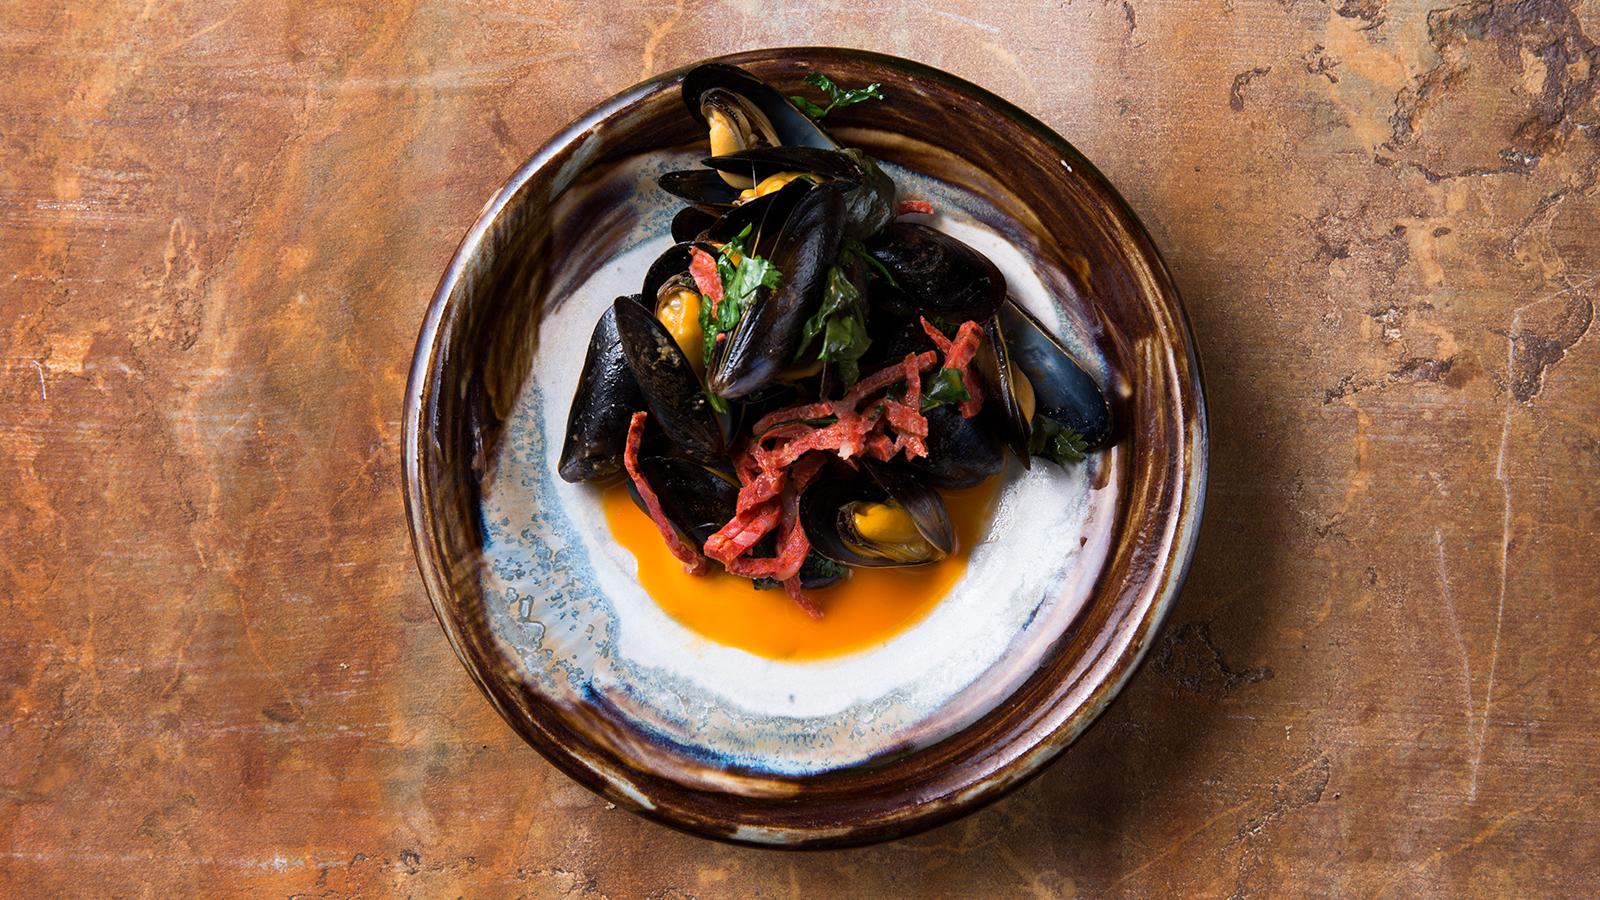 Homepage_carosuel_1600x900_mussels.jpg